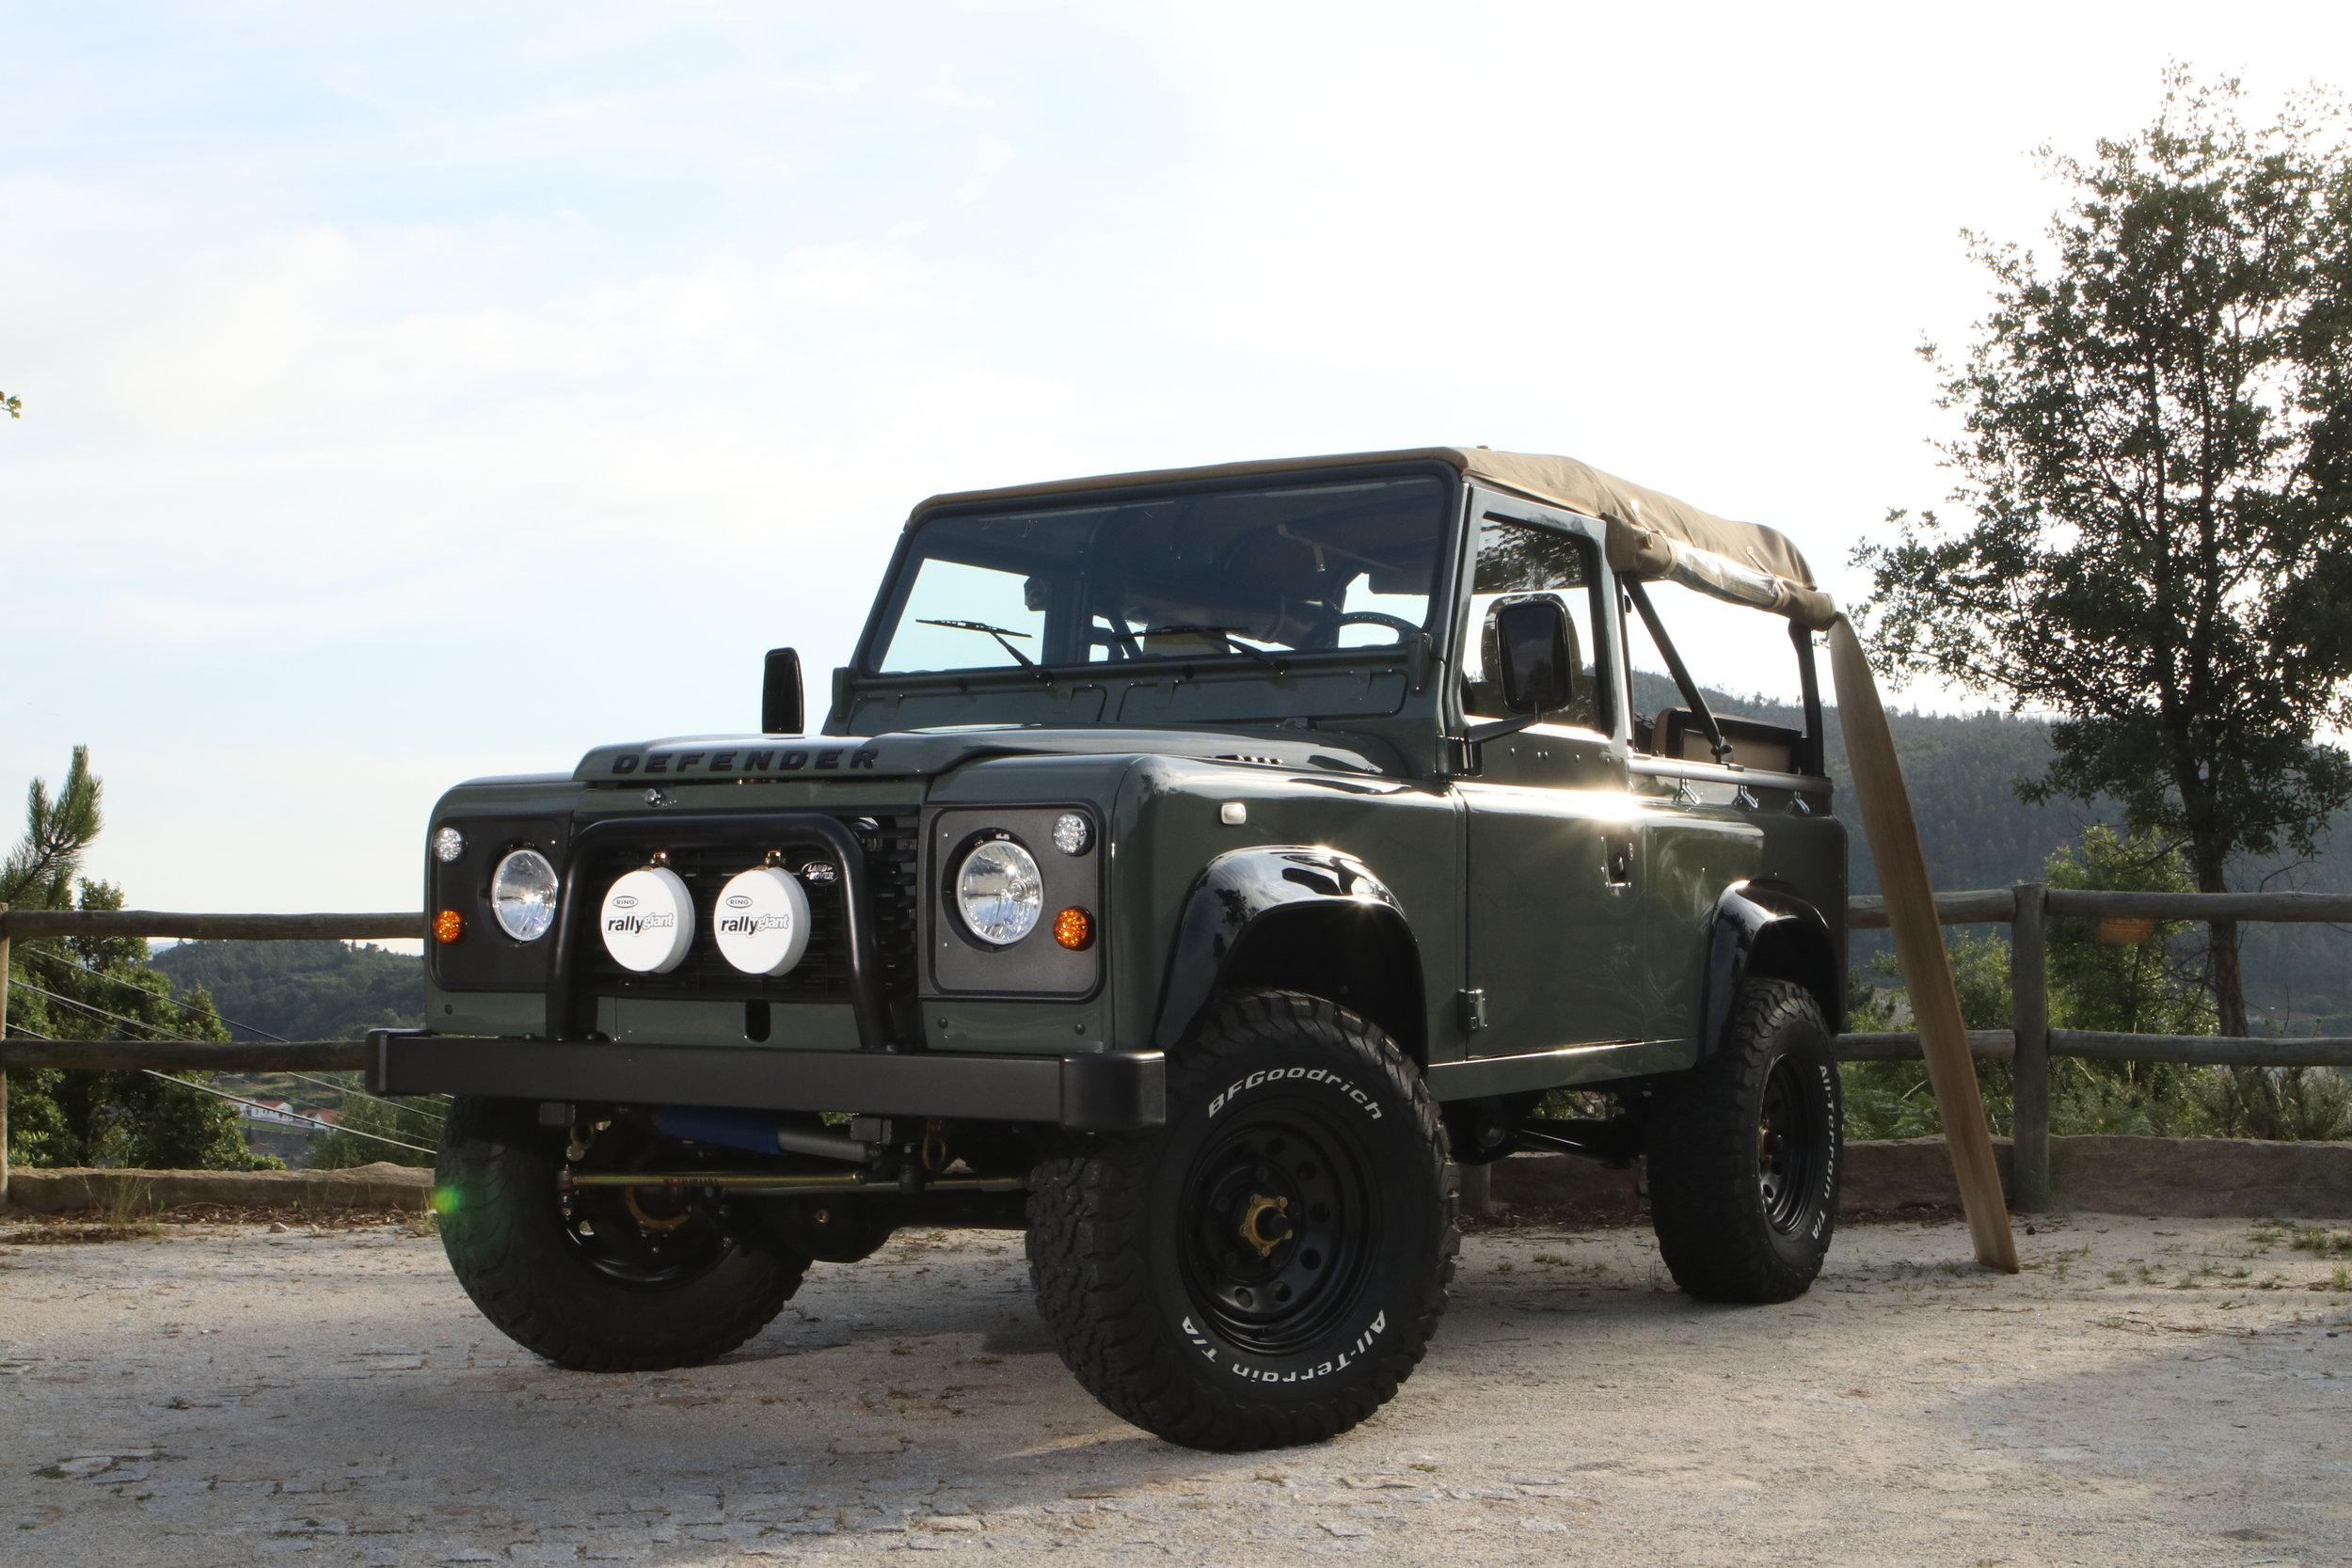 LegacyOverland_ProjKalahari_Defender90_car26.JPG